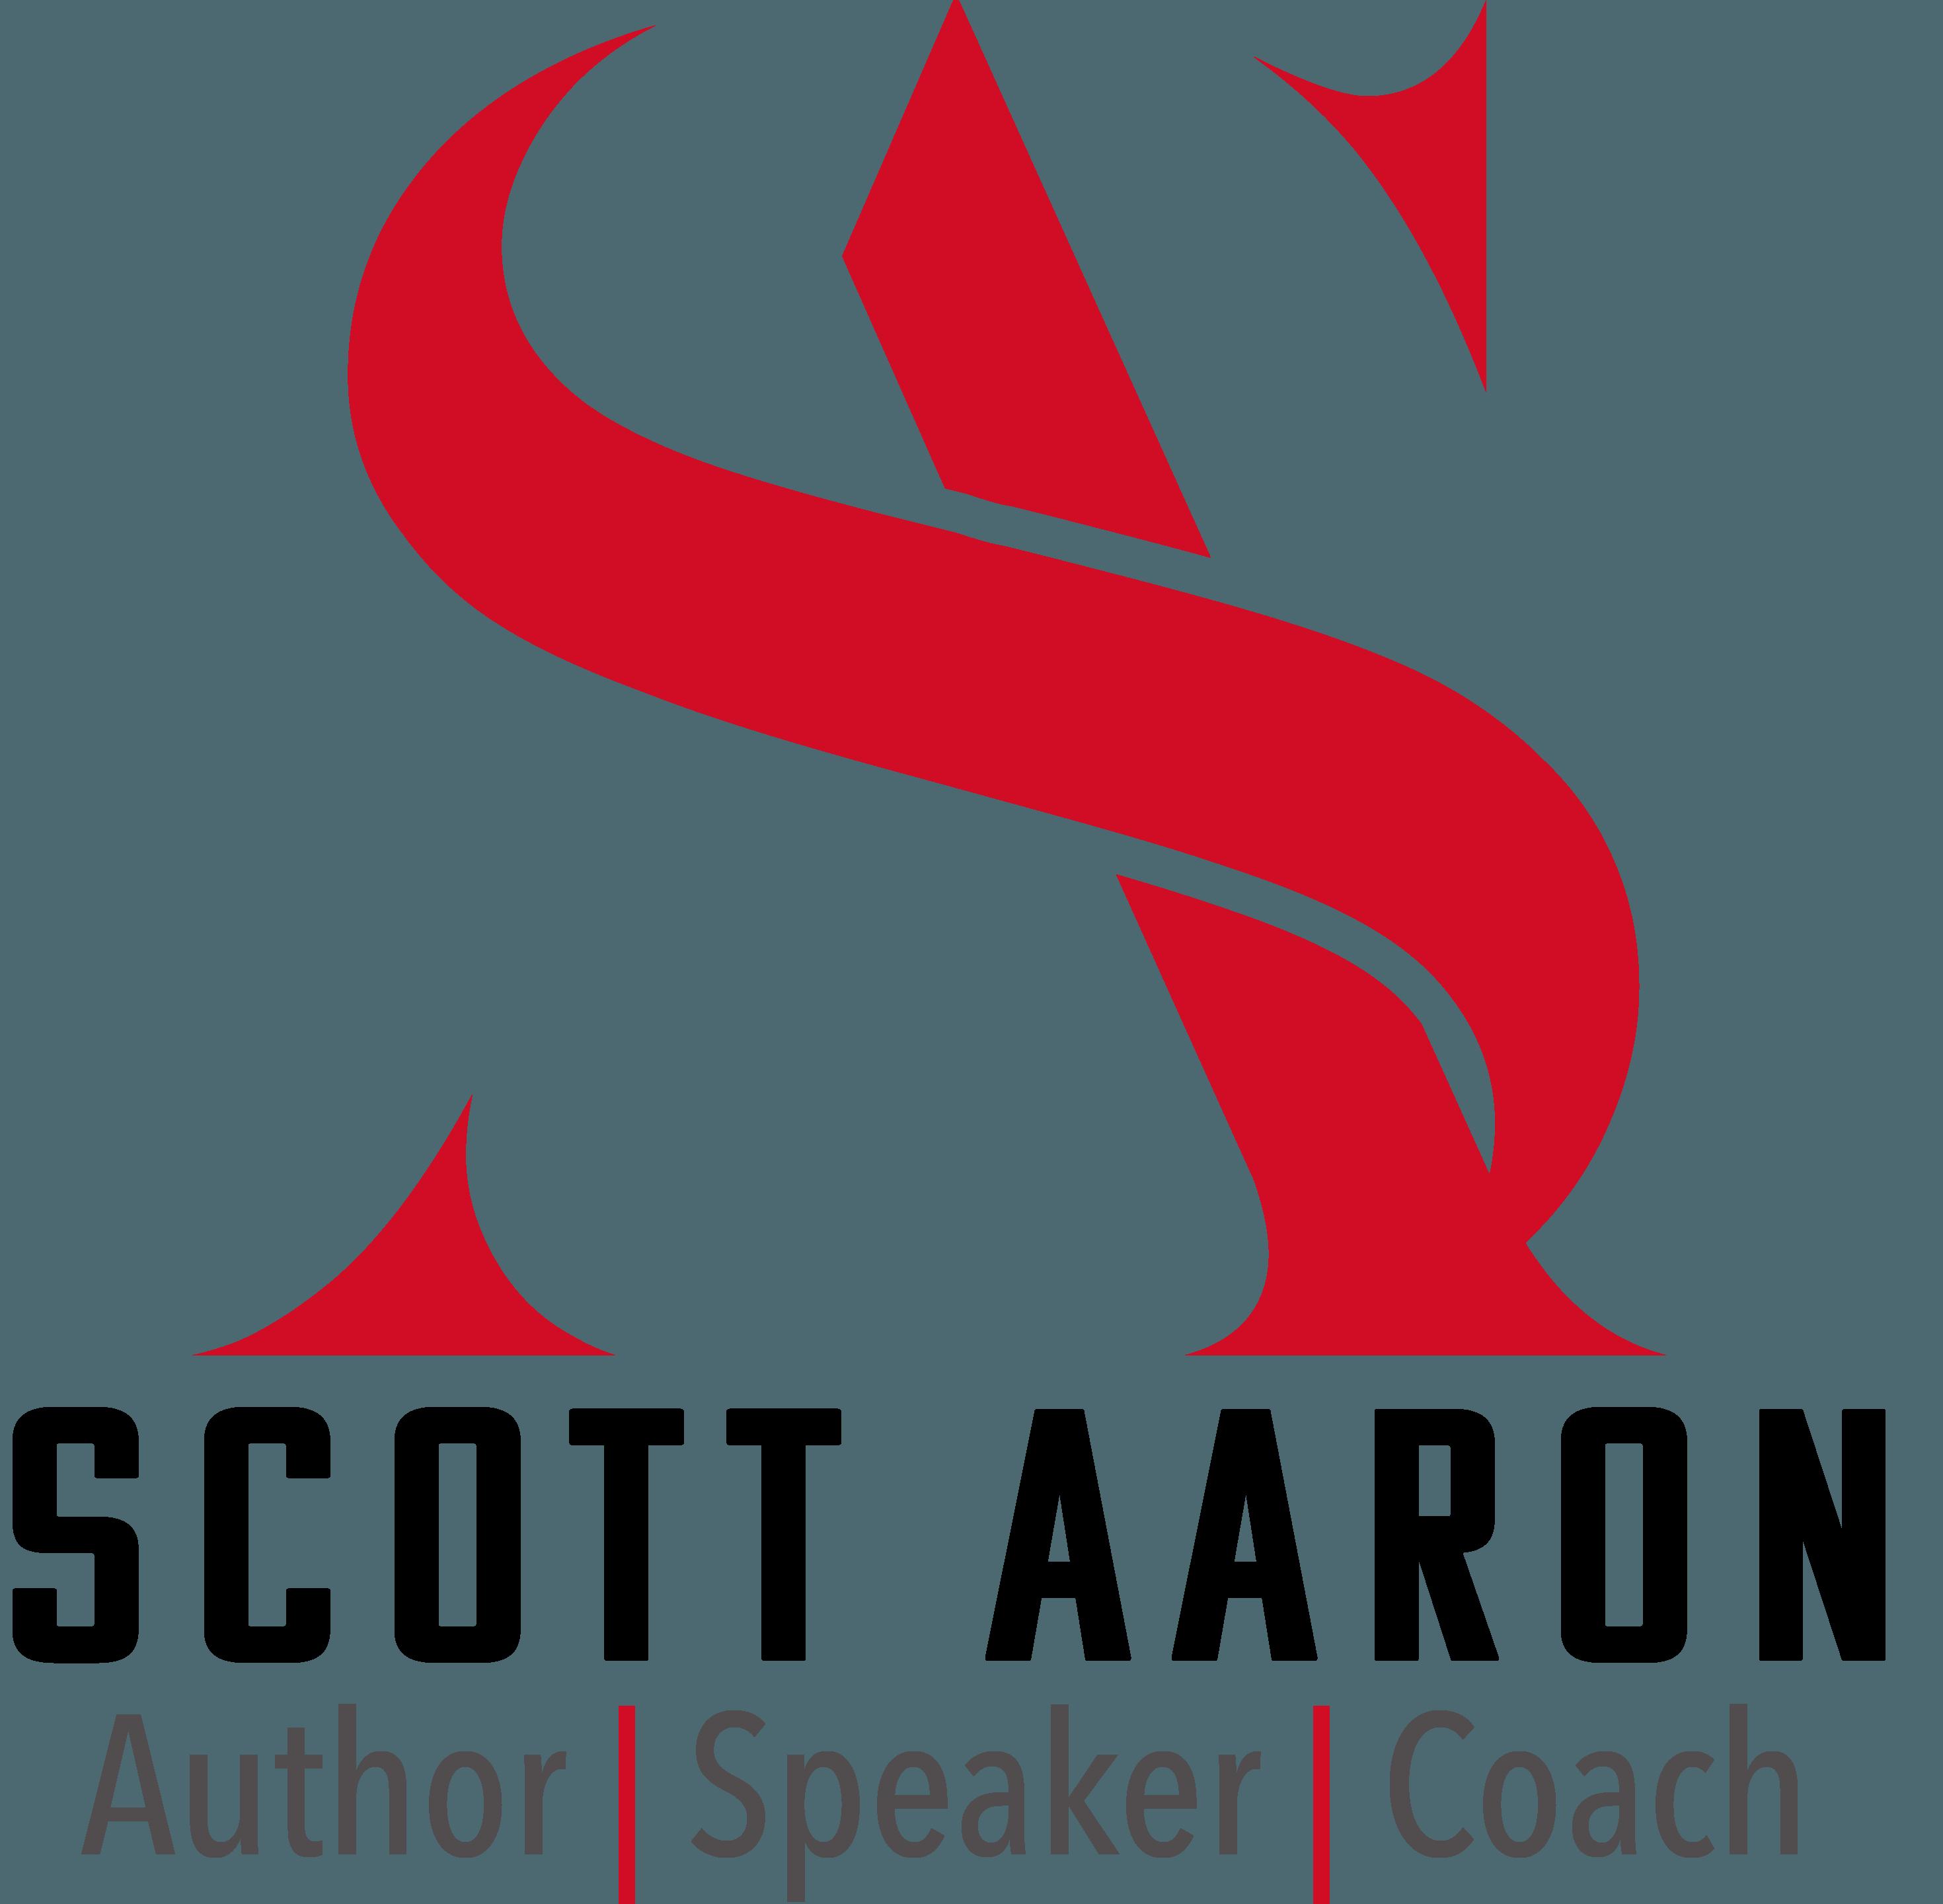 Scott Aaron